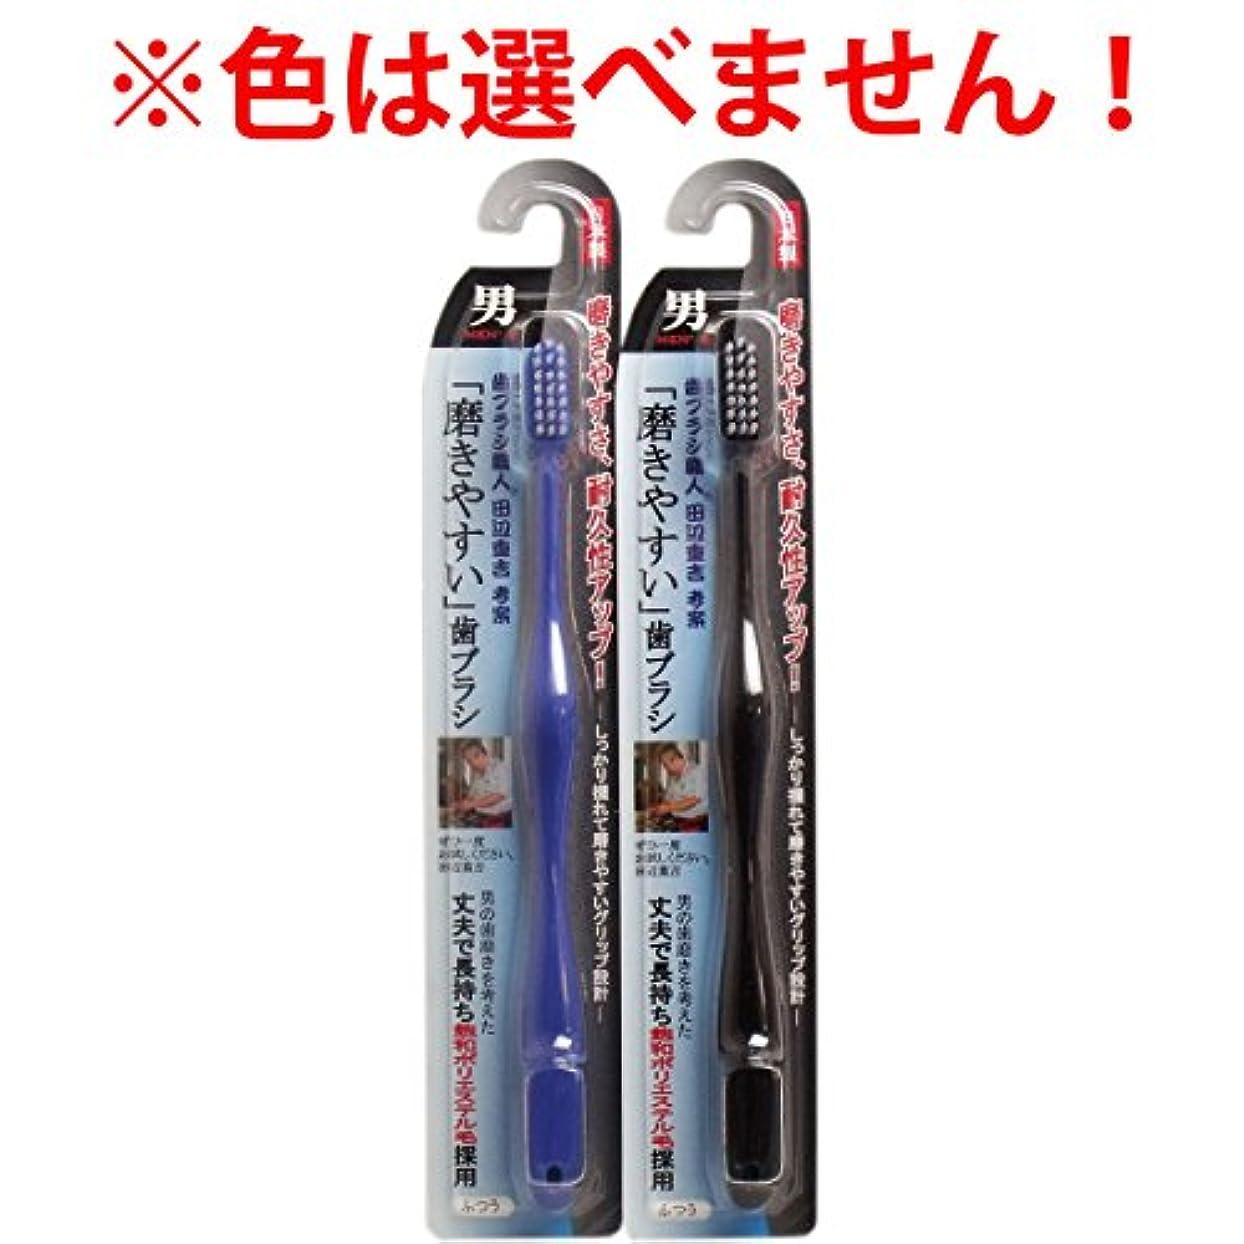 セクションほとんどない容器ライフレンジ 「磨きやすい」歯ブラシ男 LT-08 1本